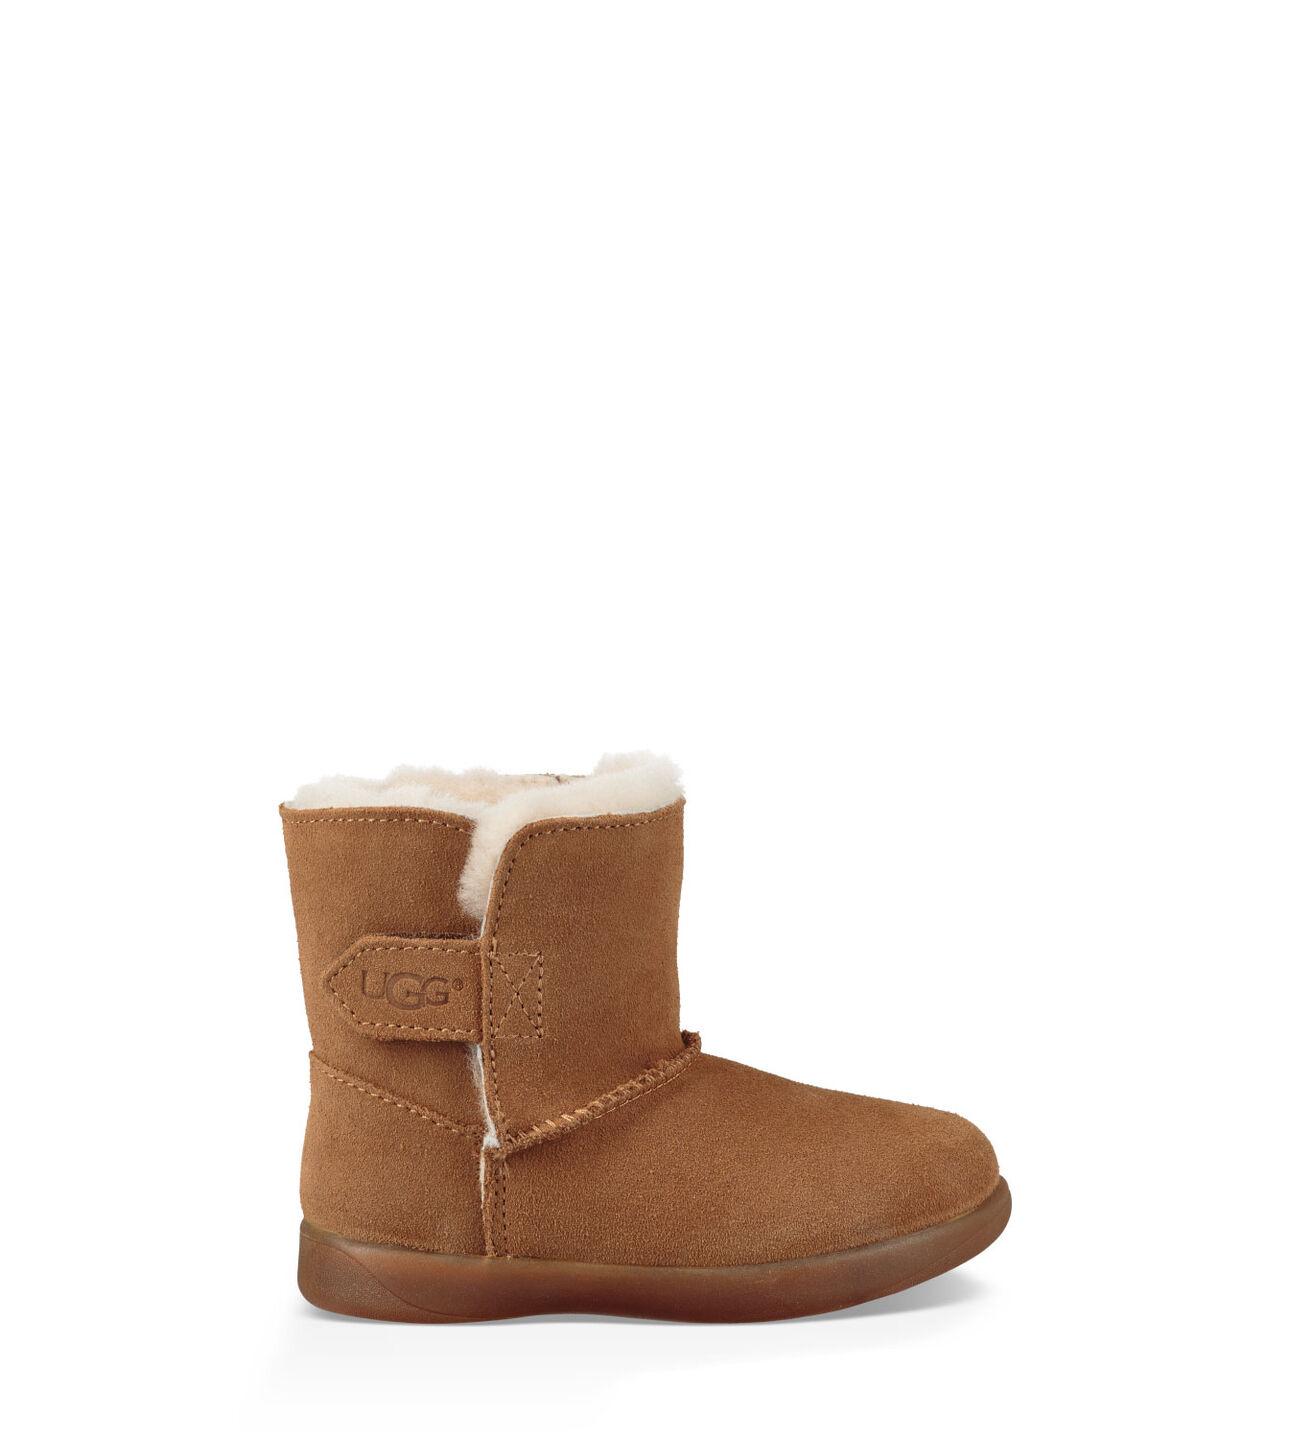 f4540d15981 Keelan Boot